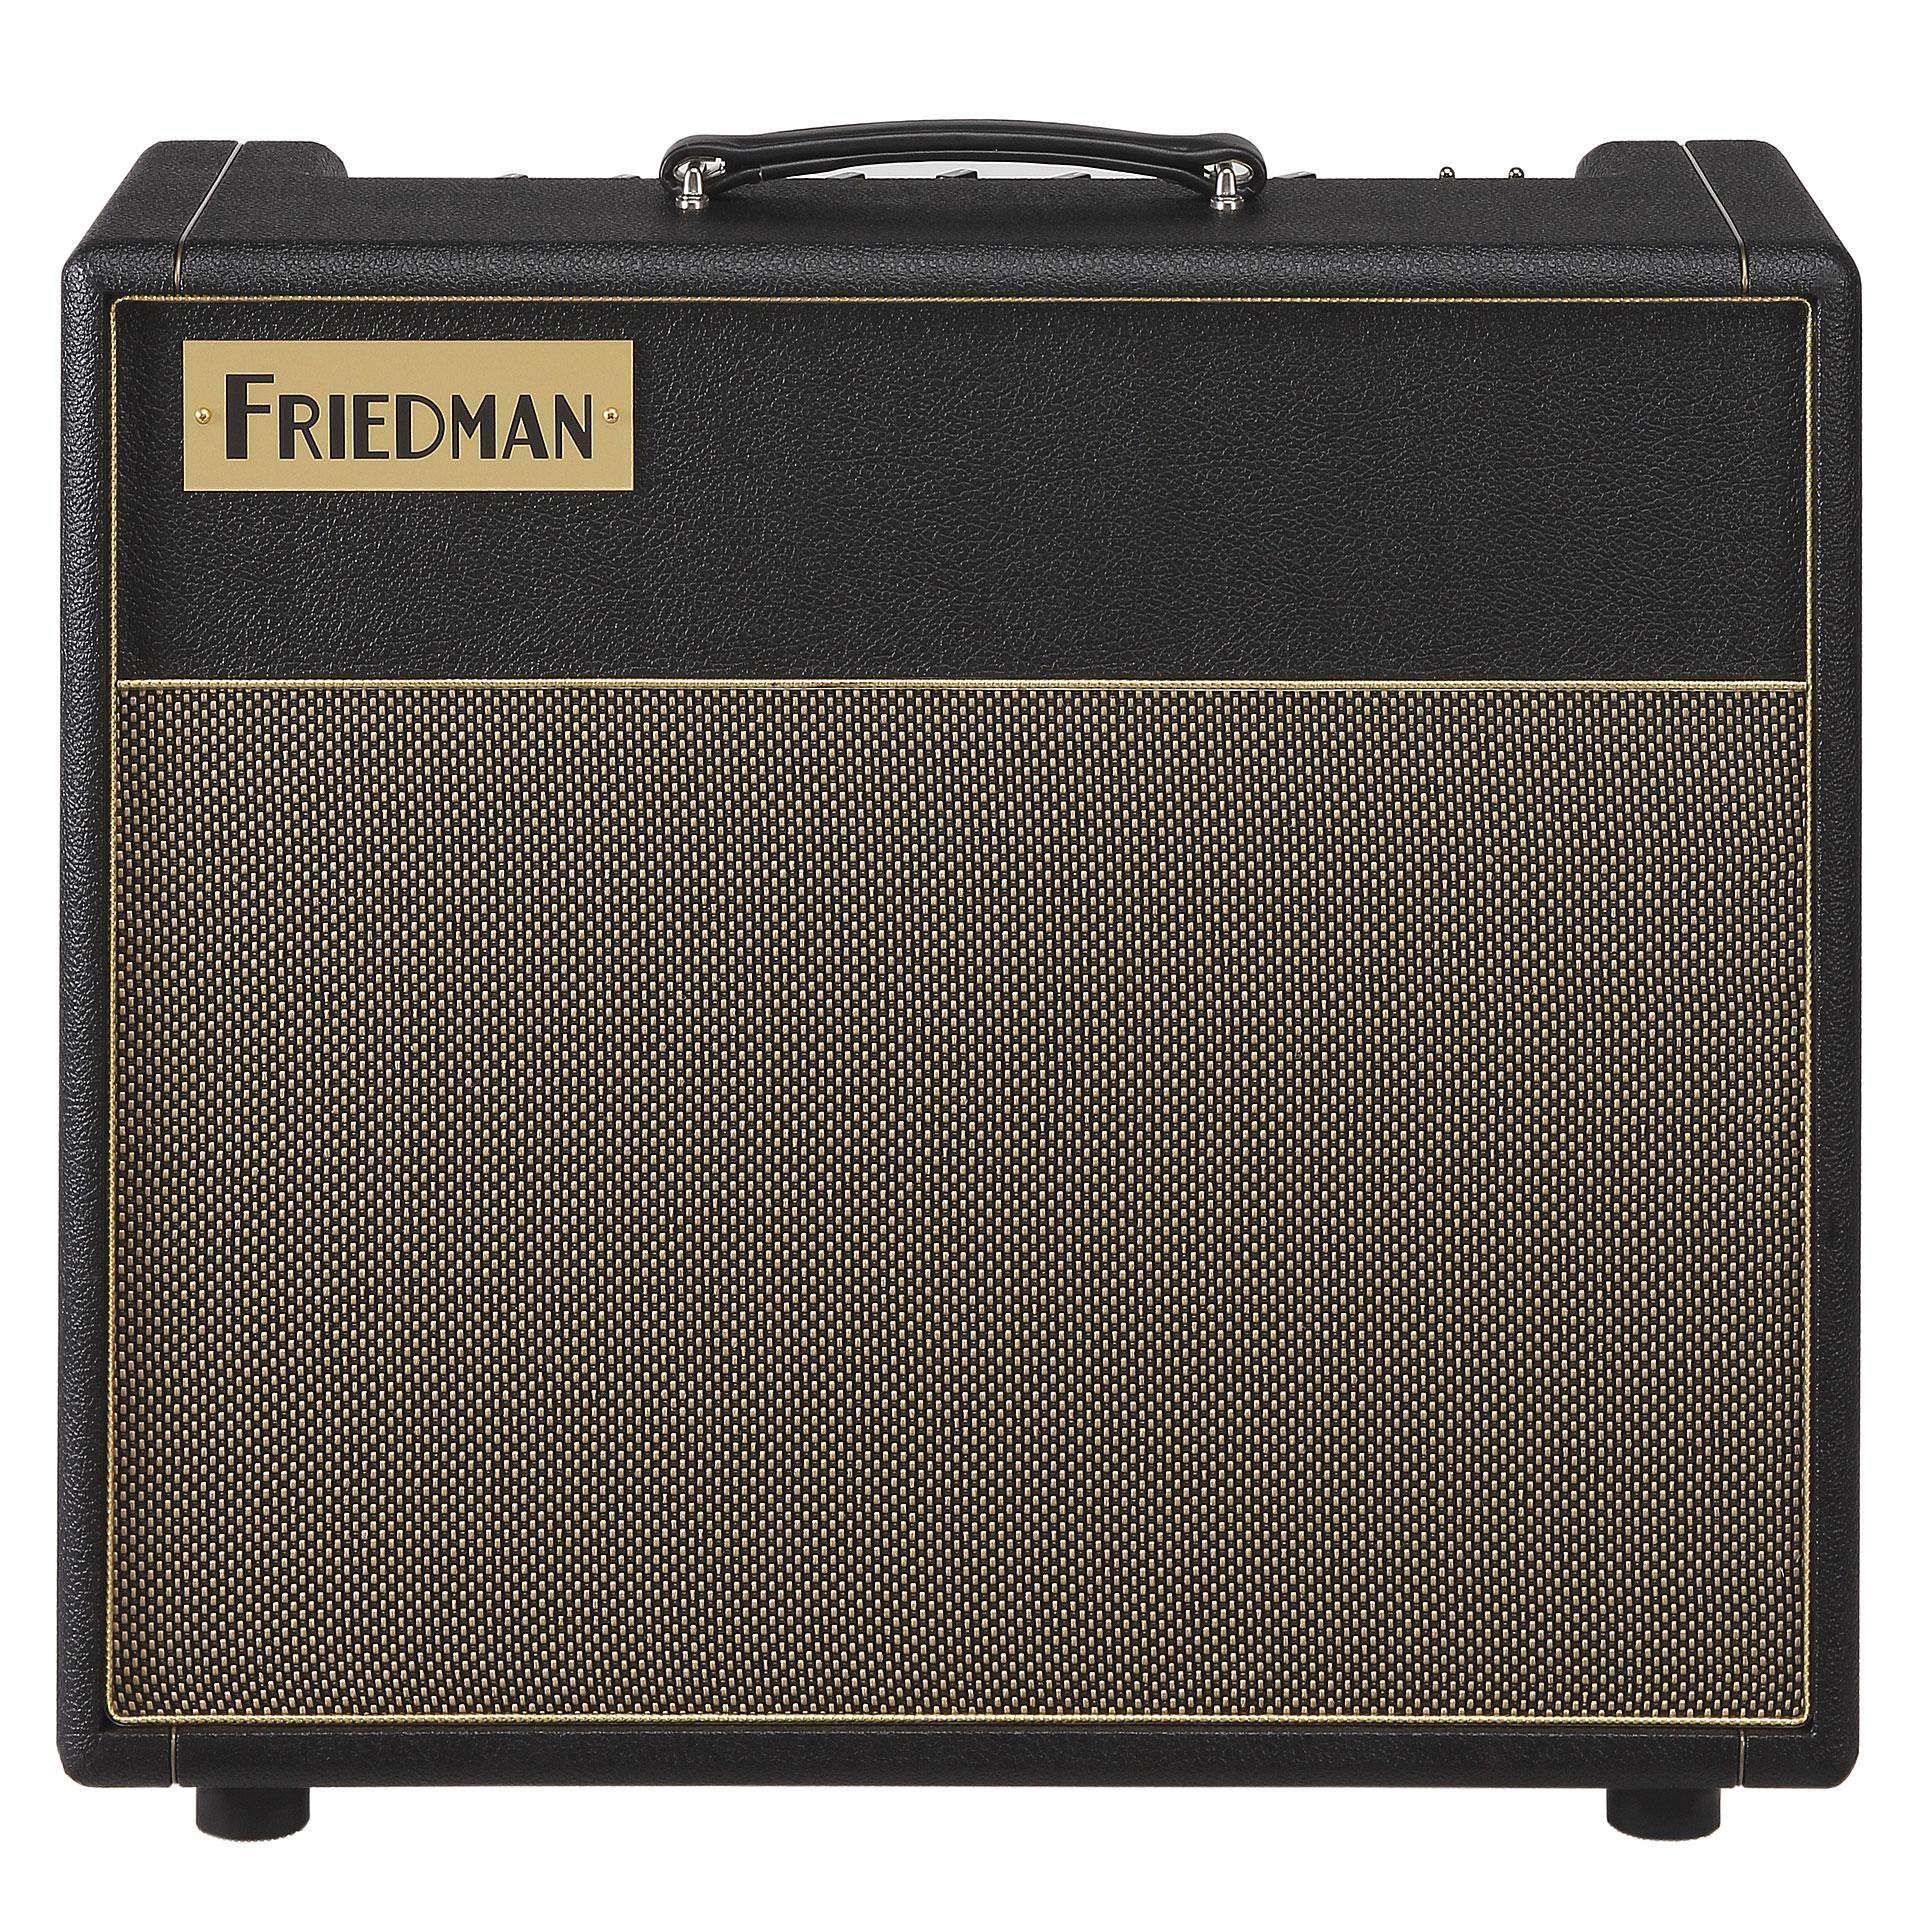 friedman smallbox 50 guitar amp. Black Bedroom Furniture Sets. Home Design Ideas